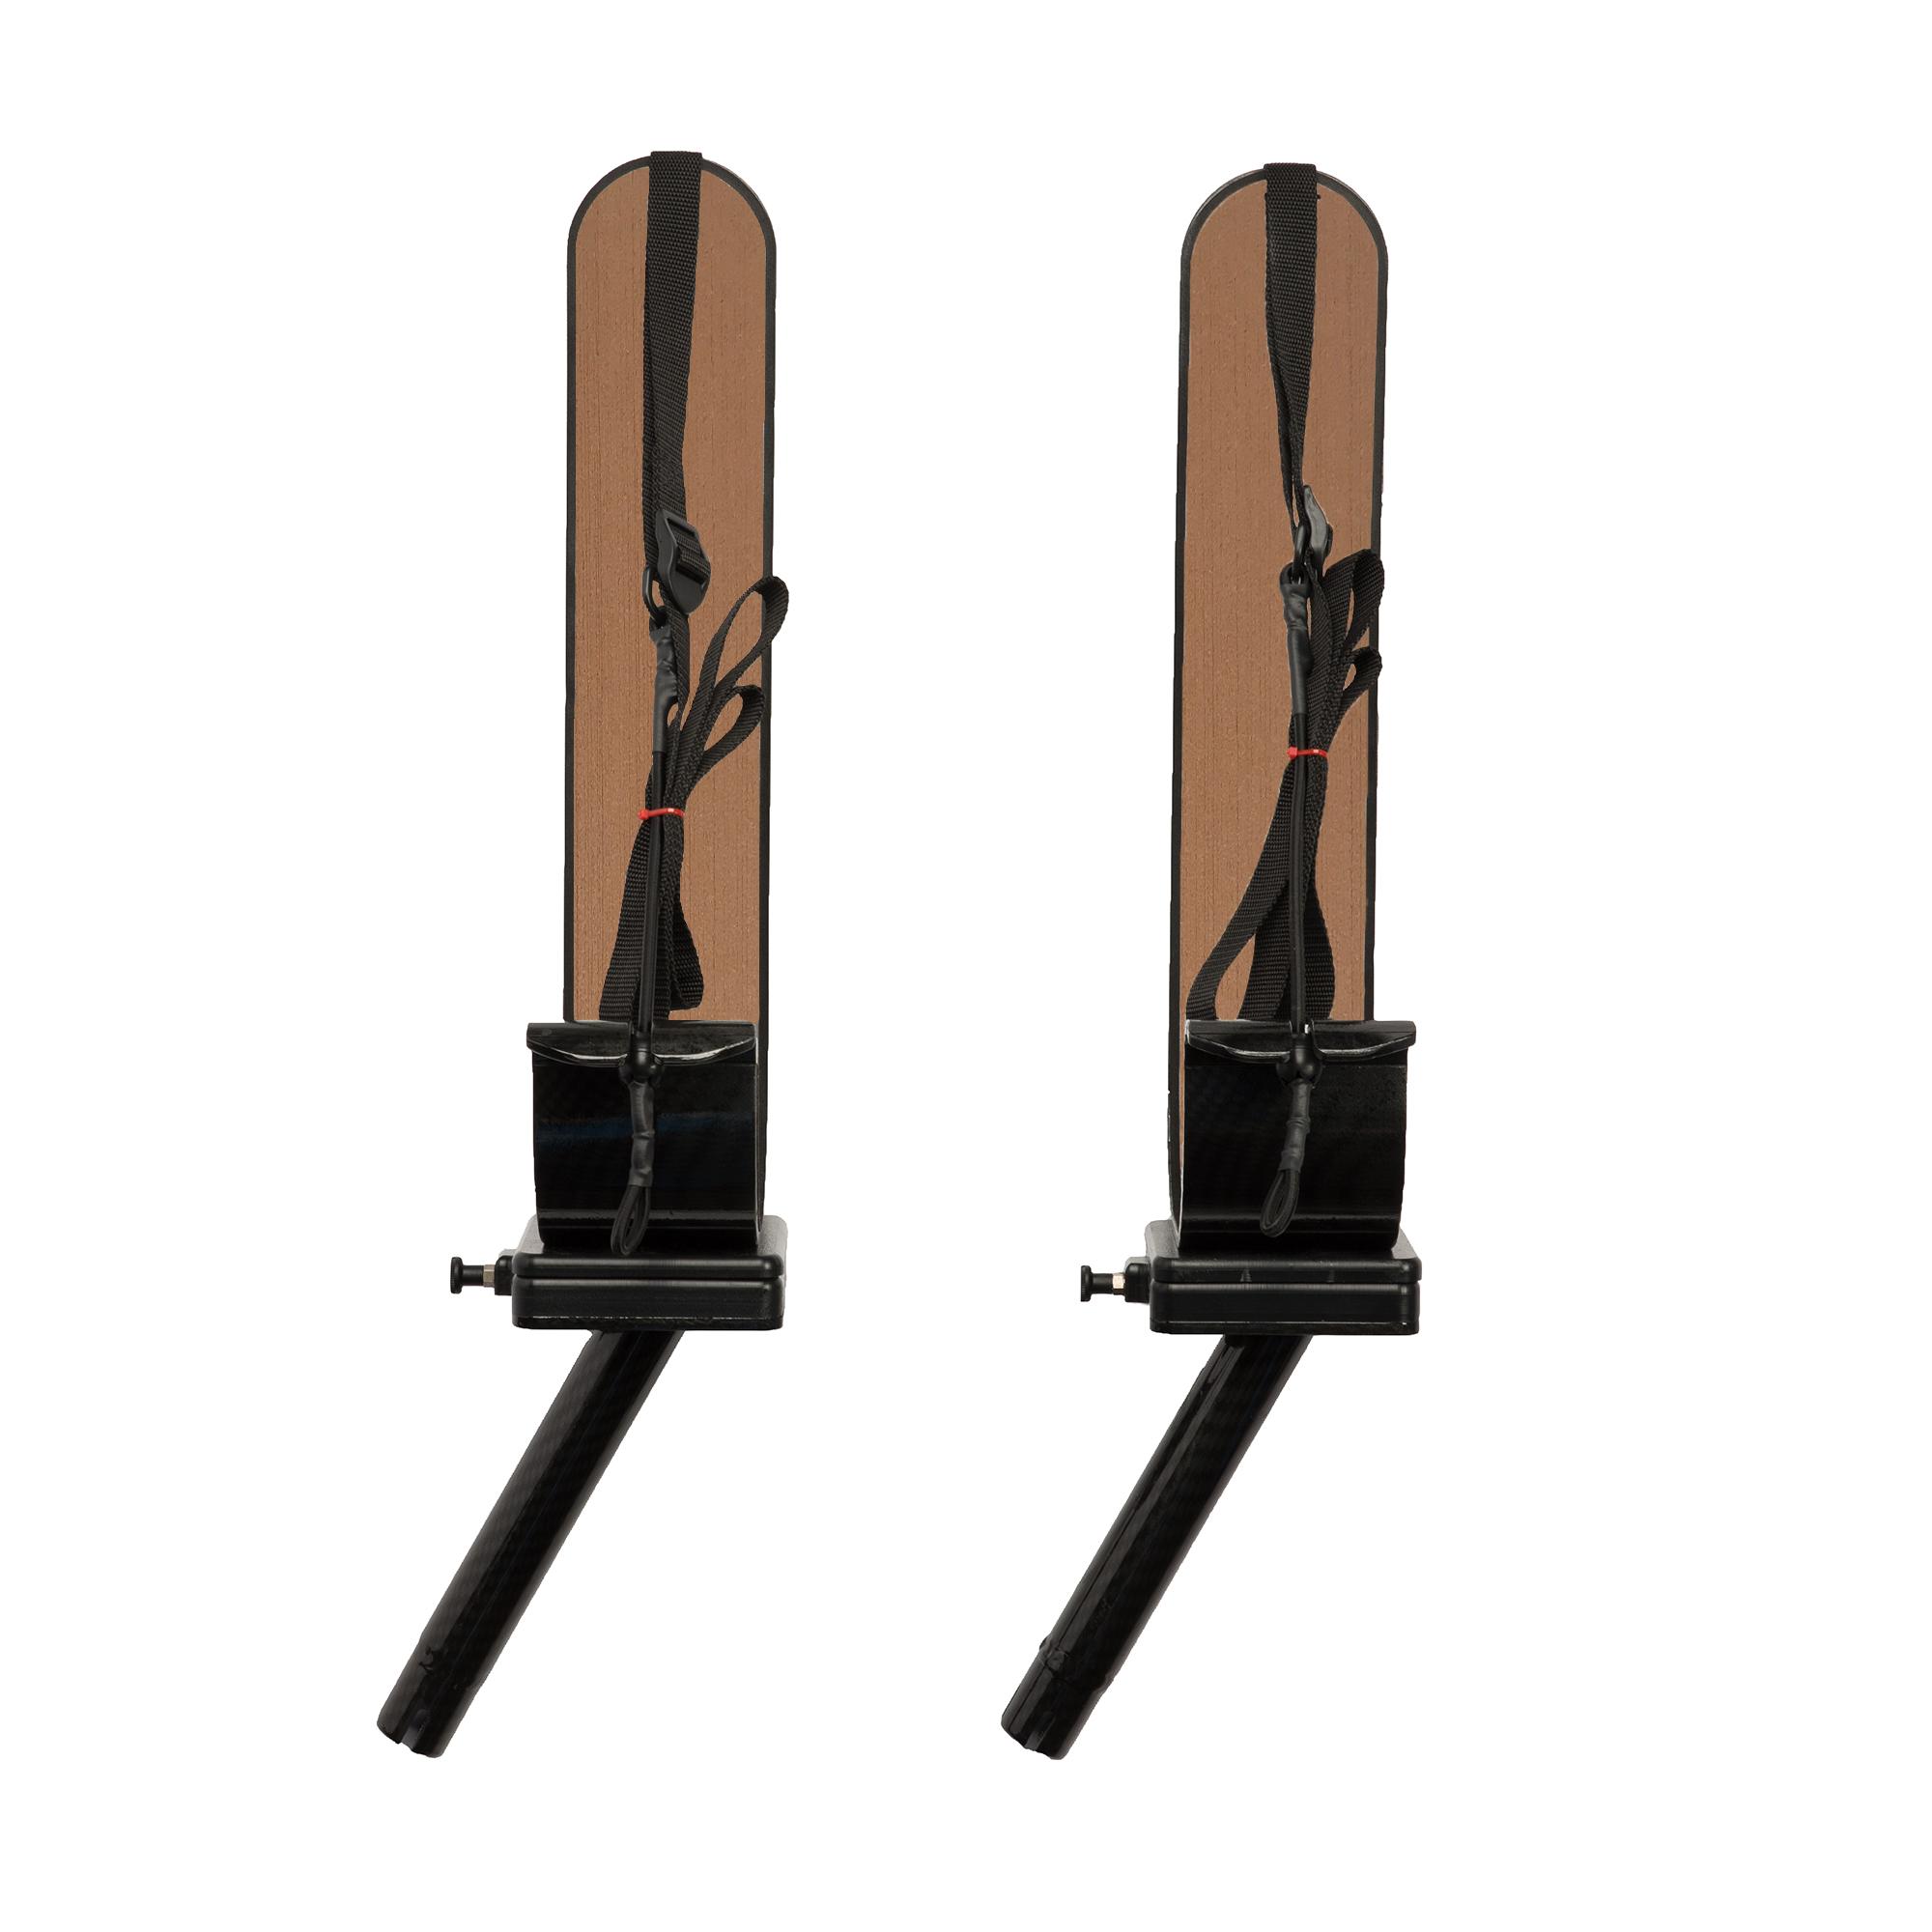 Manta Racks S1 Black Single Paddleboard Rack For 1-15° & 1-30° Rod Holders